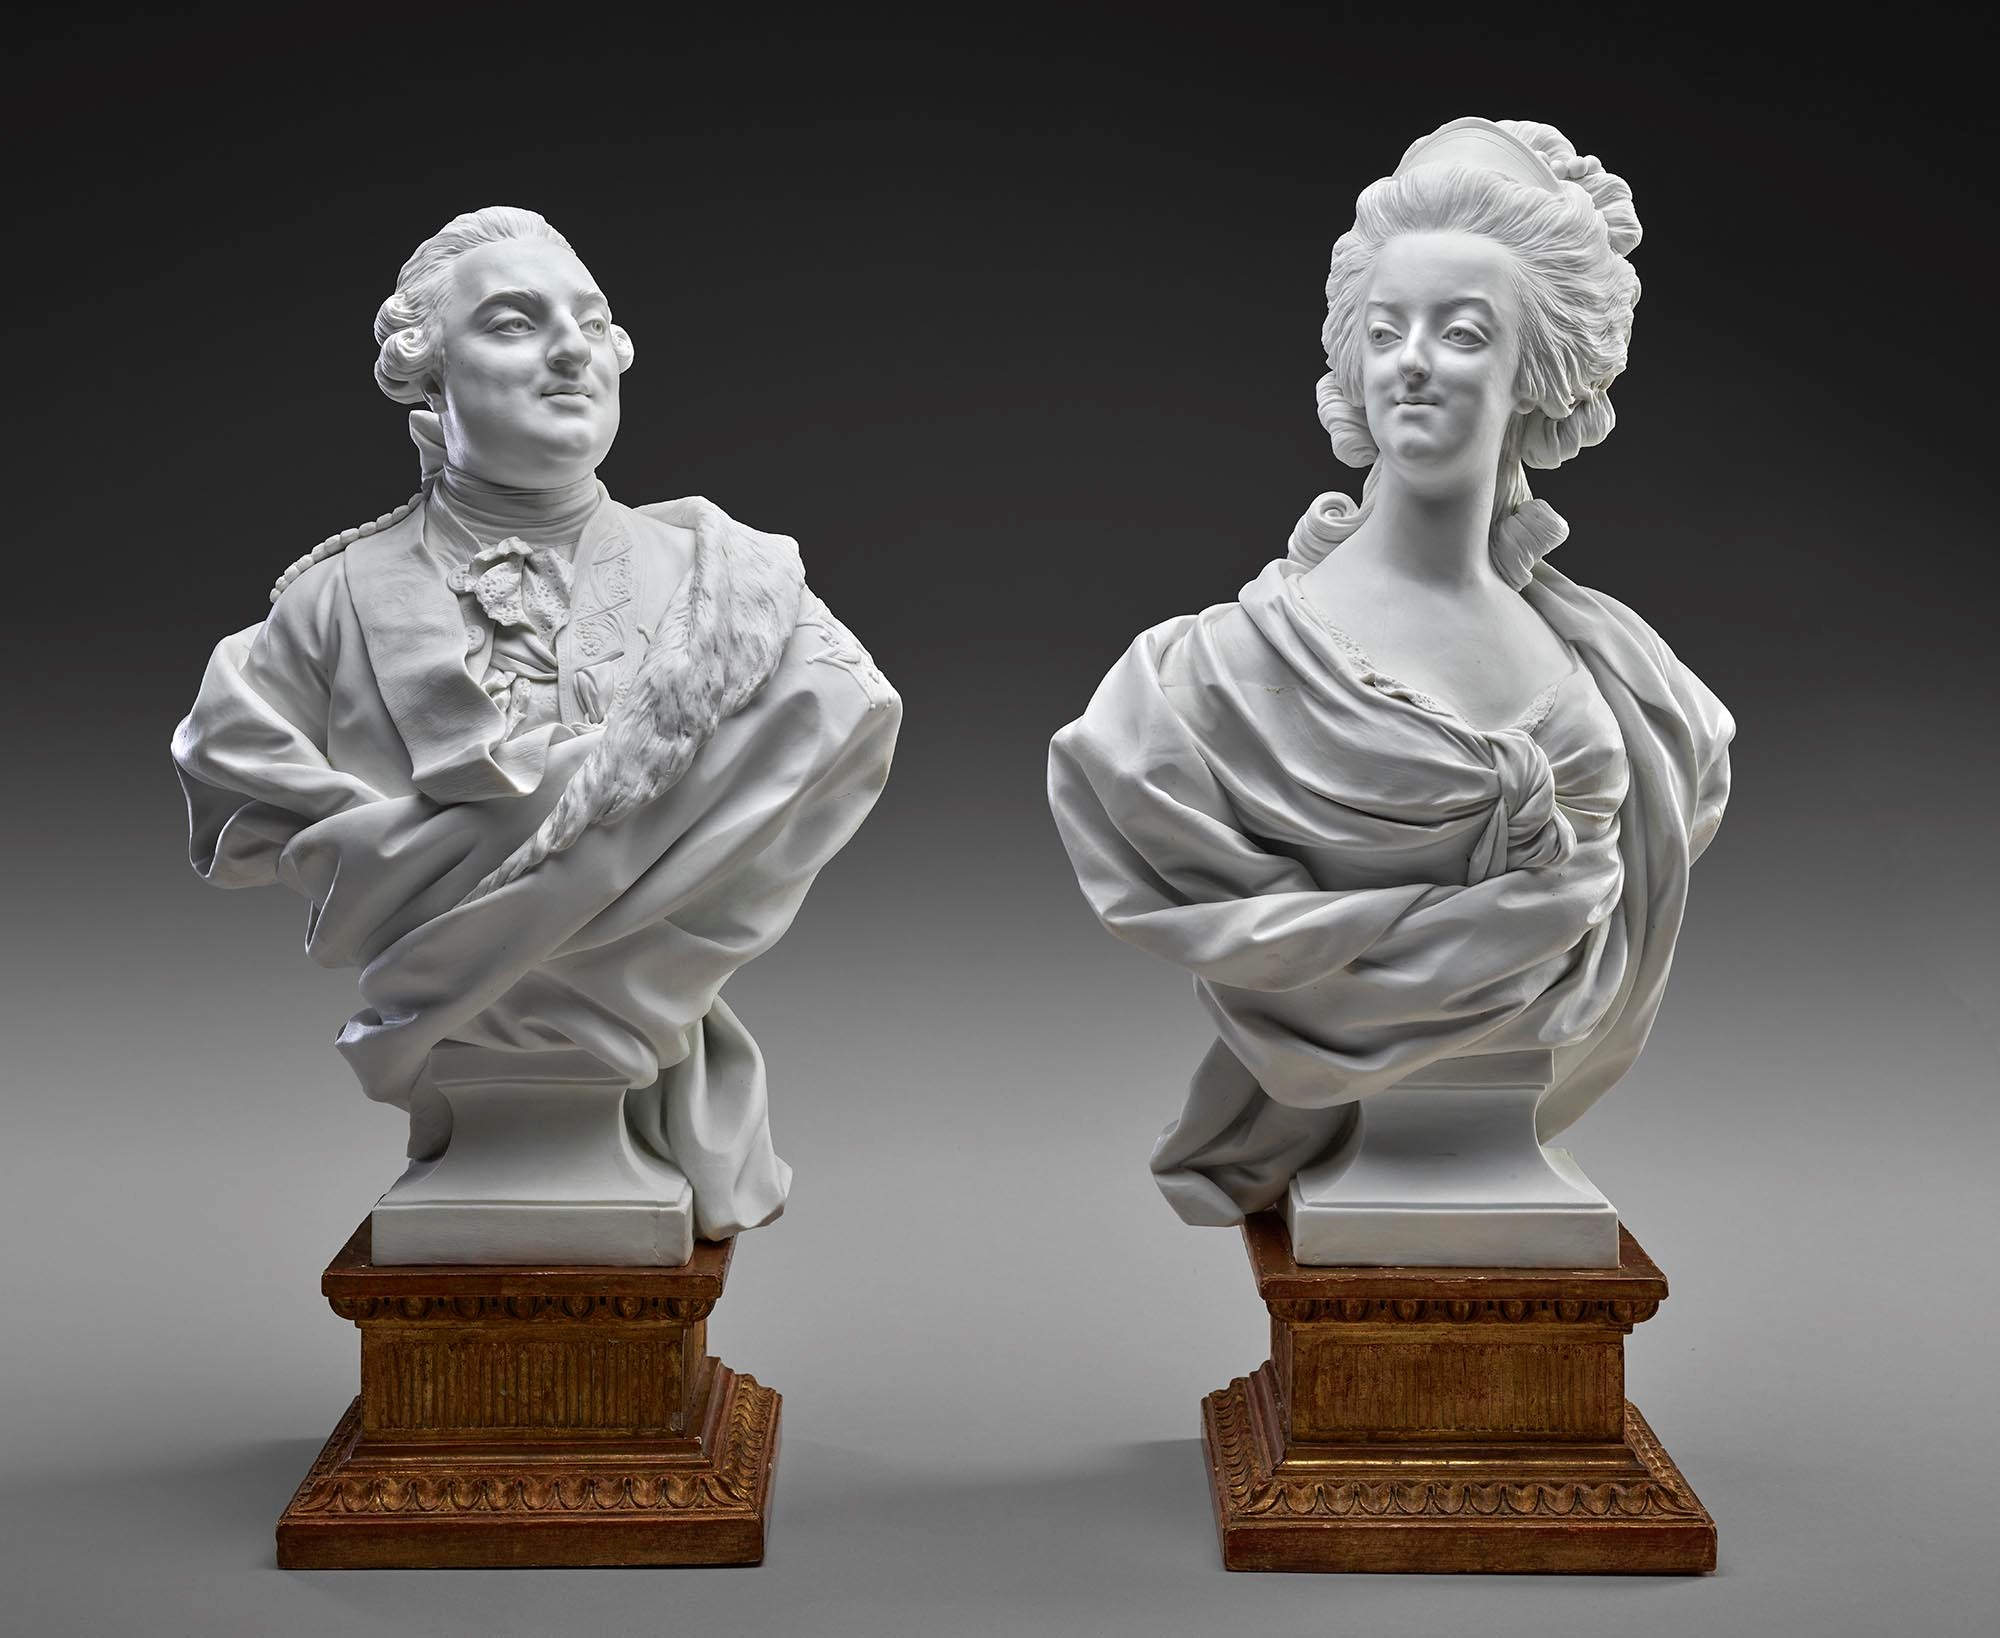 Sèvres - Louis XVI and Marie Antoinette